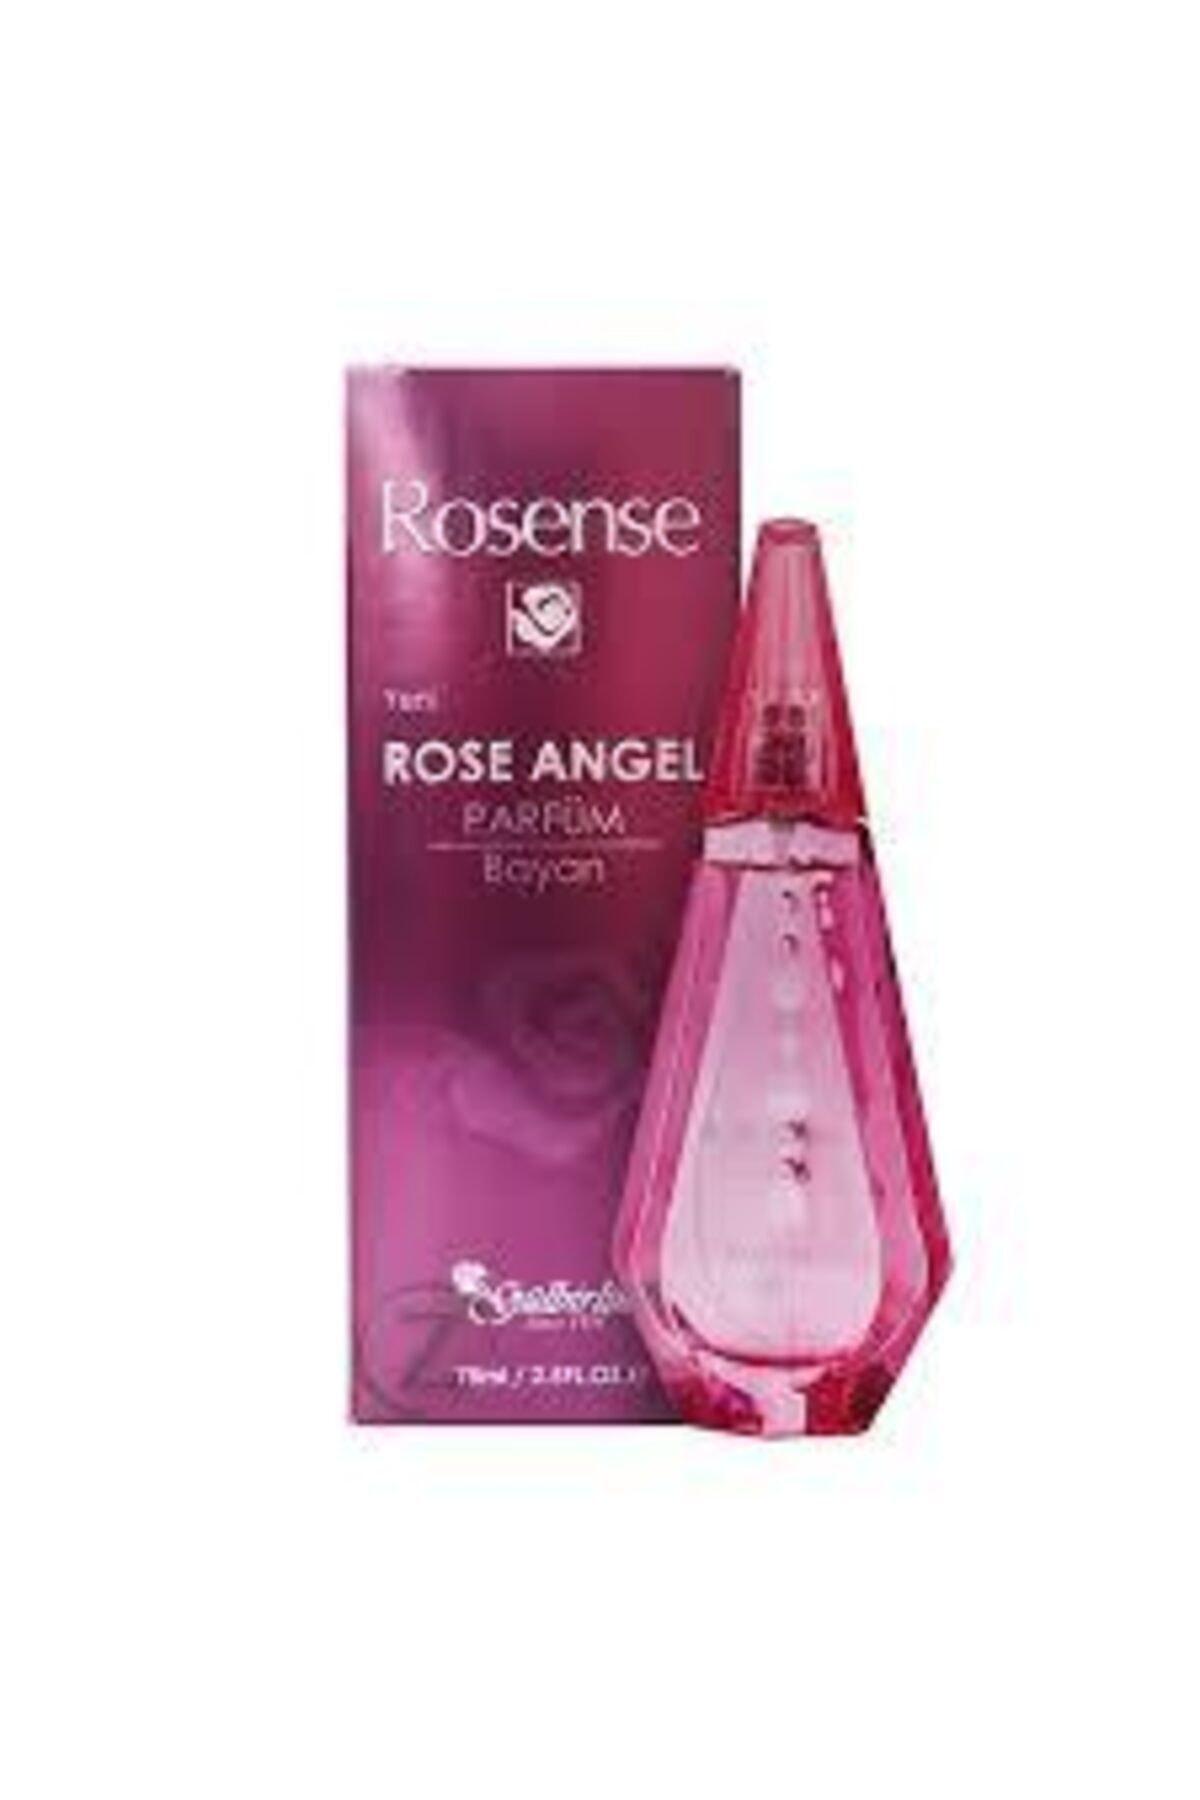 Rosense Kadın Parfüm 75 ml 1